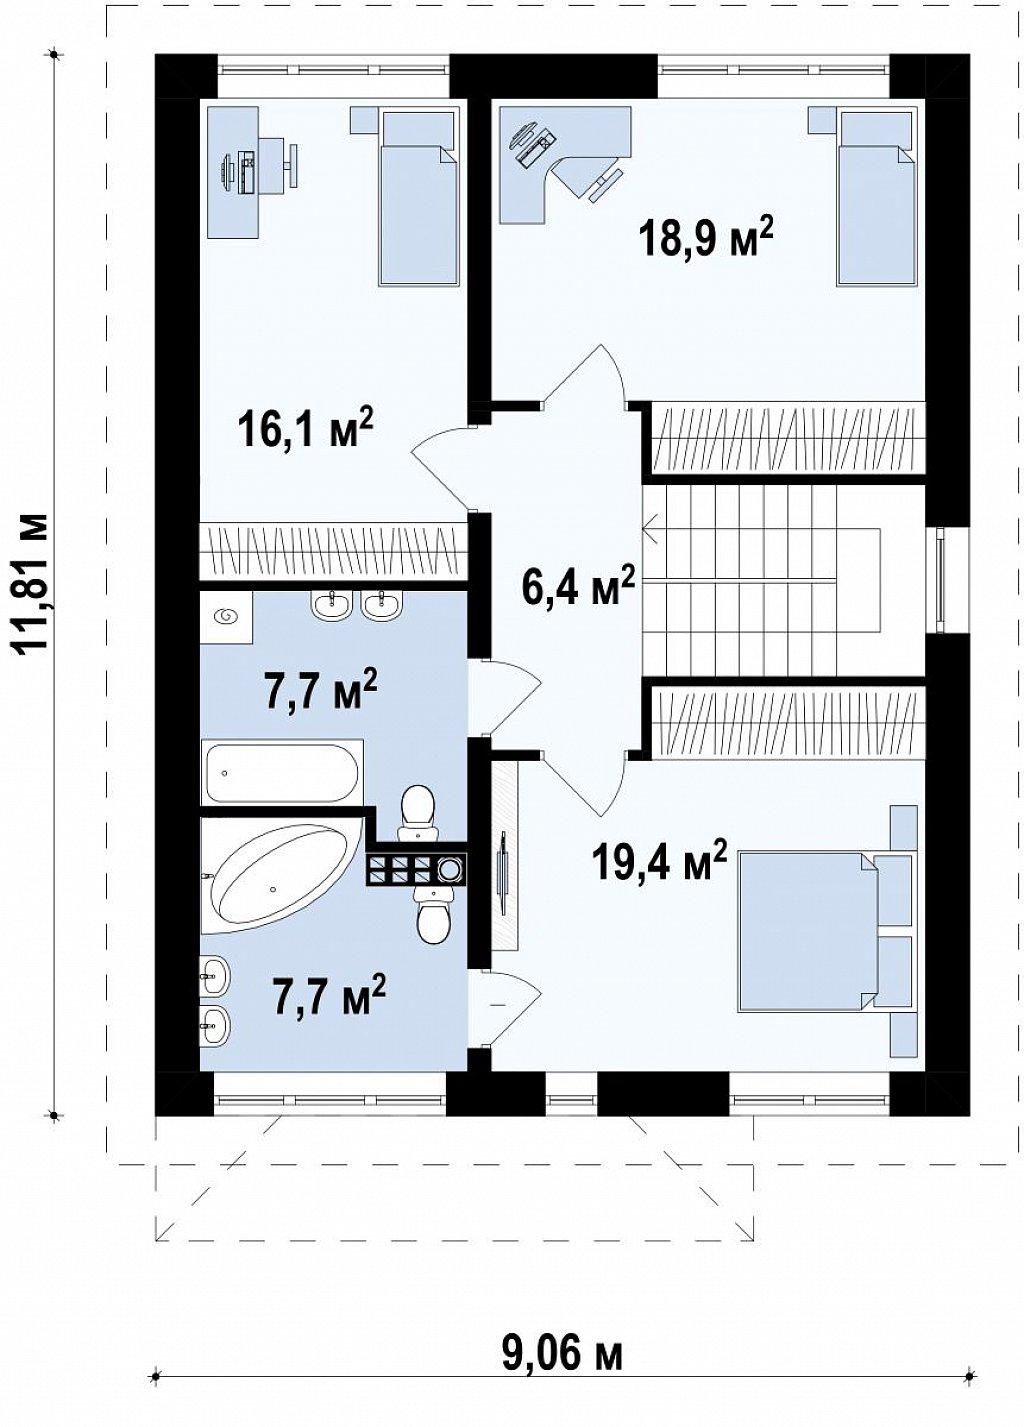 Версия двухэтажного дома Zx24a с измененной планировкой план помещений 2